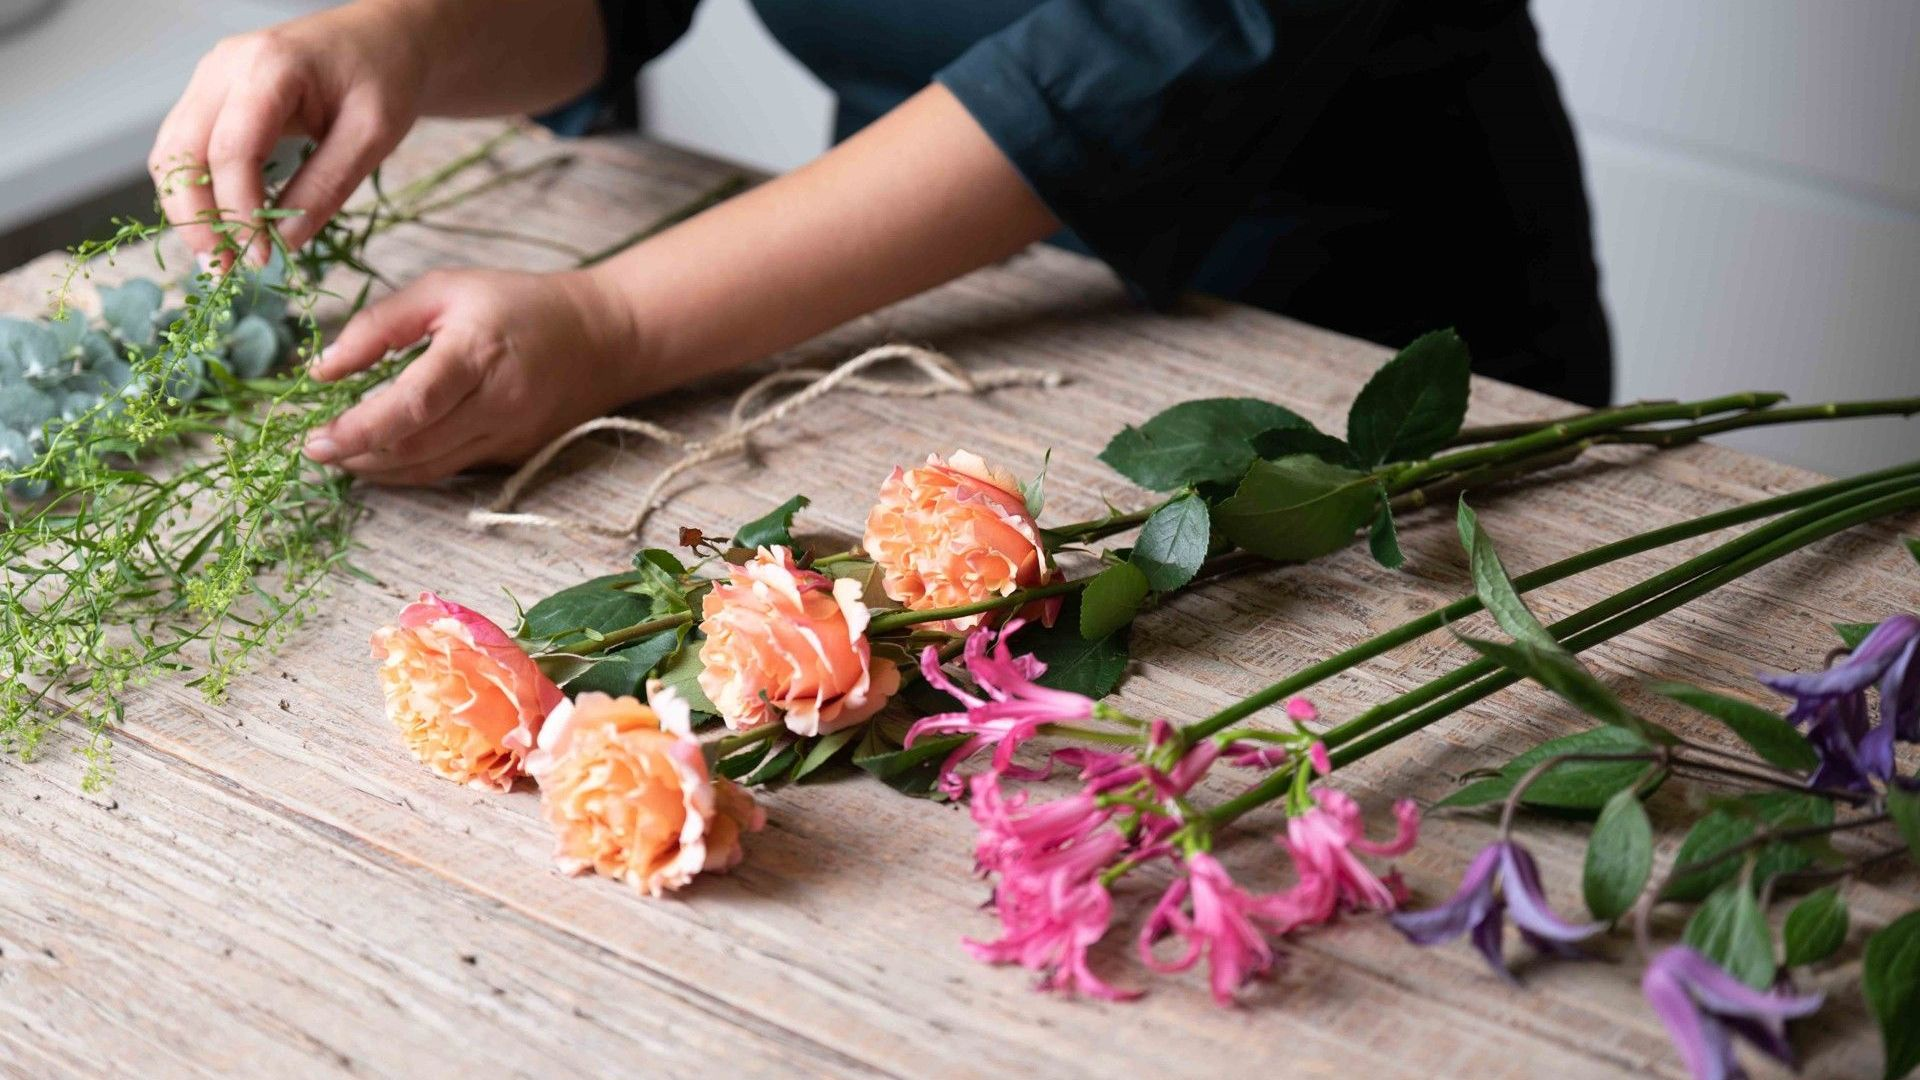 Quienes somos - Amborella artesanía floral